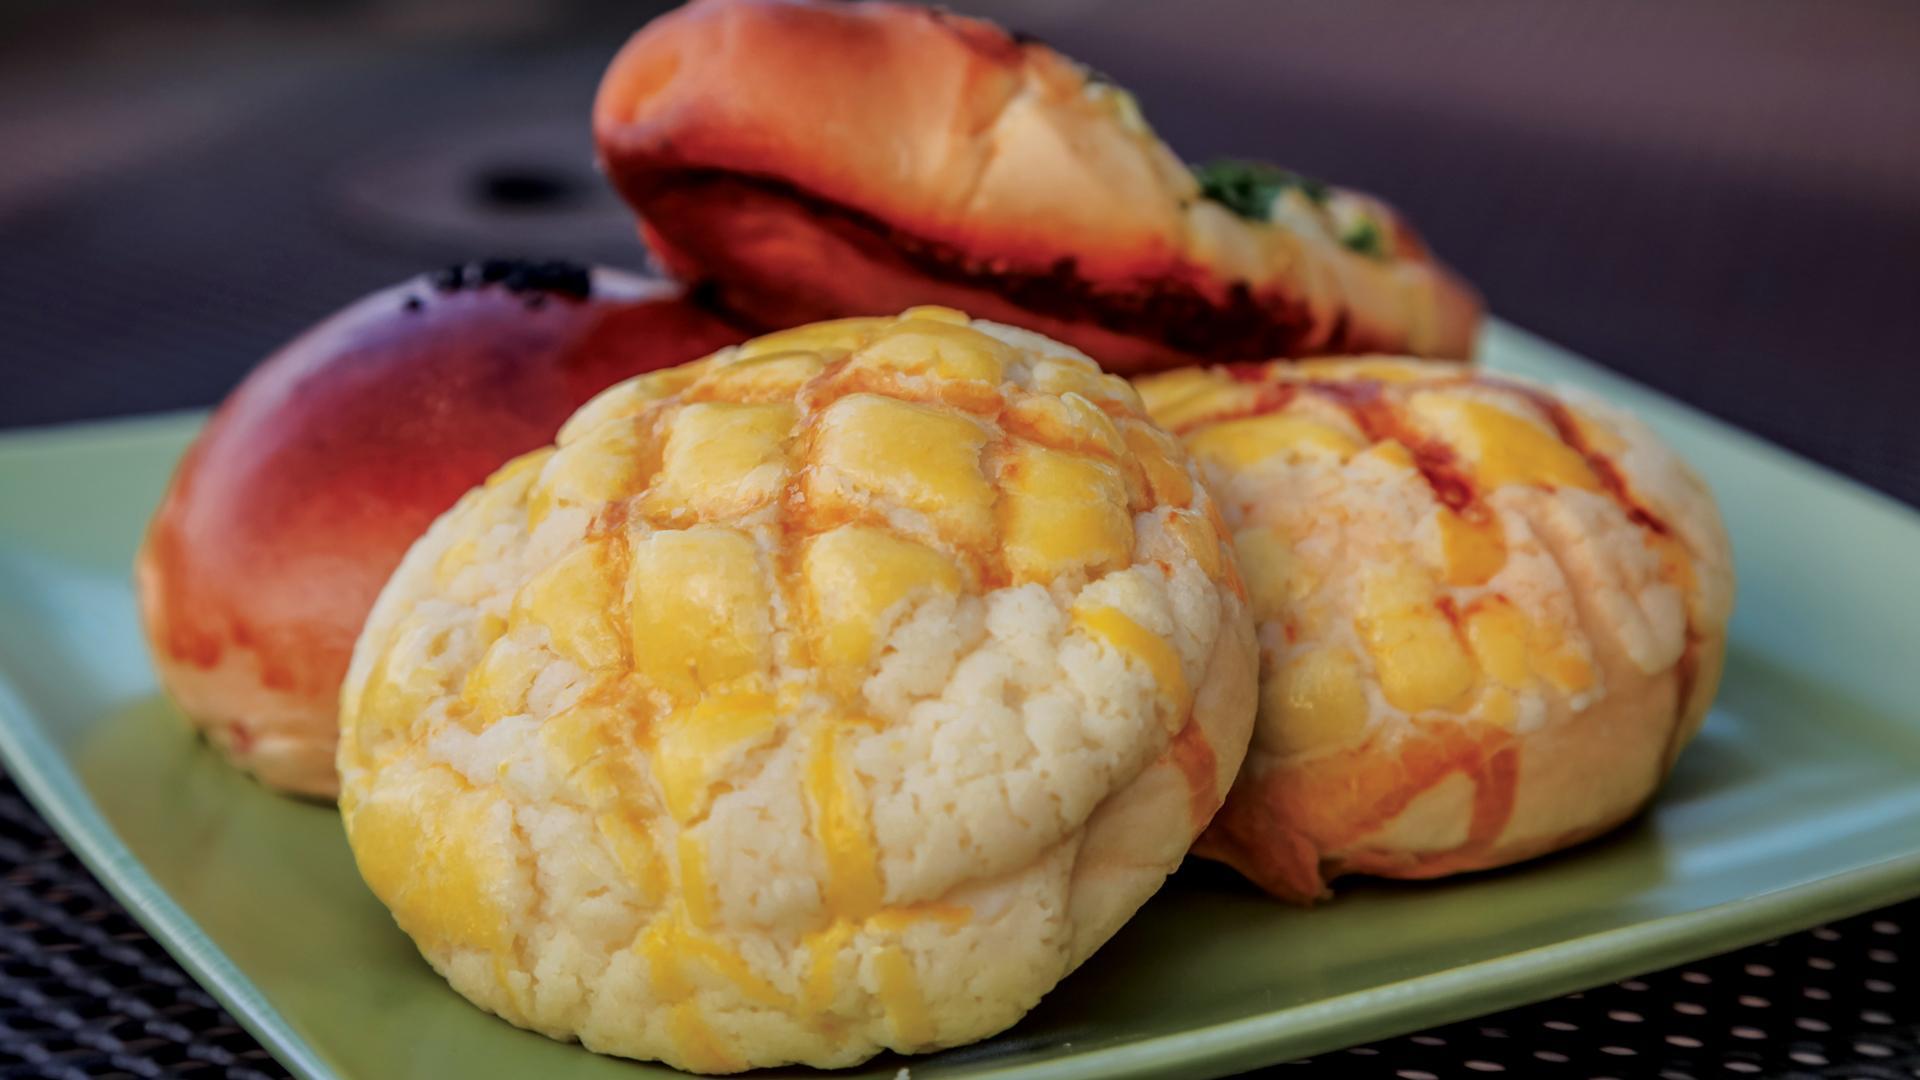 Hong Kong Island Bakery pineapple buns